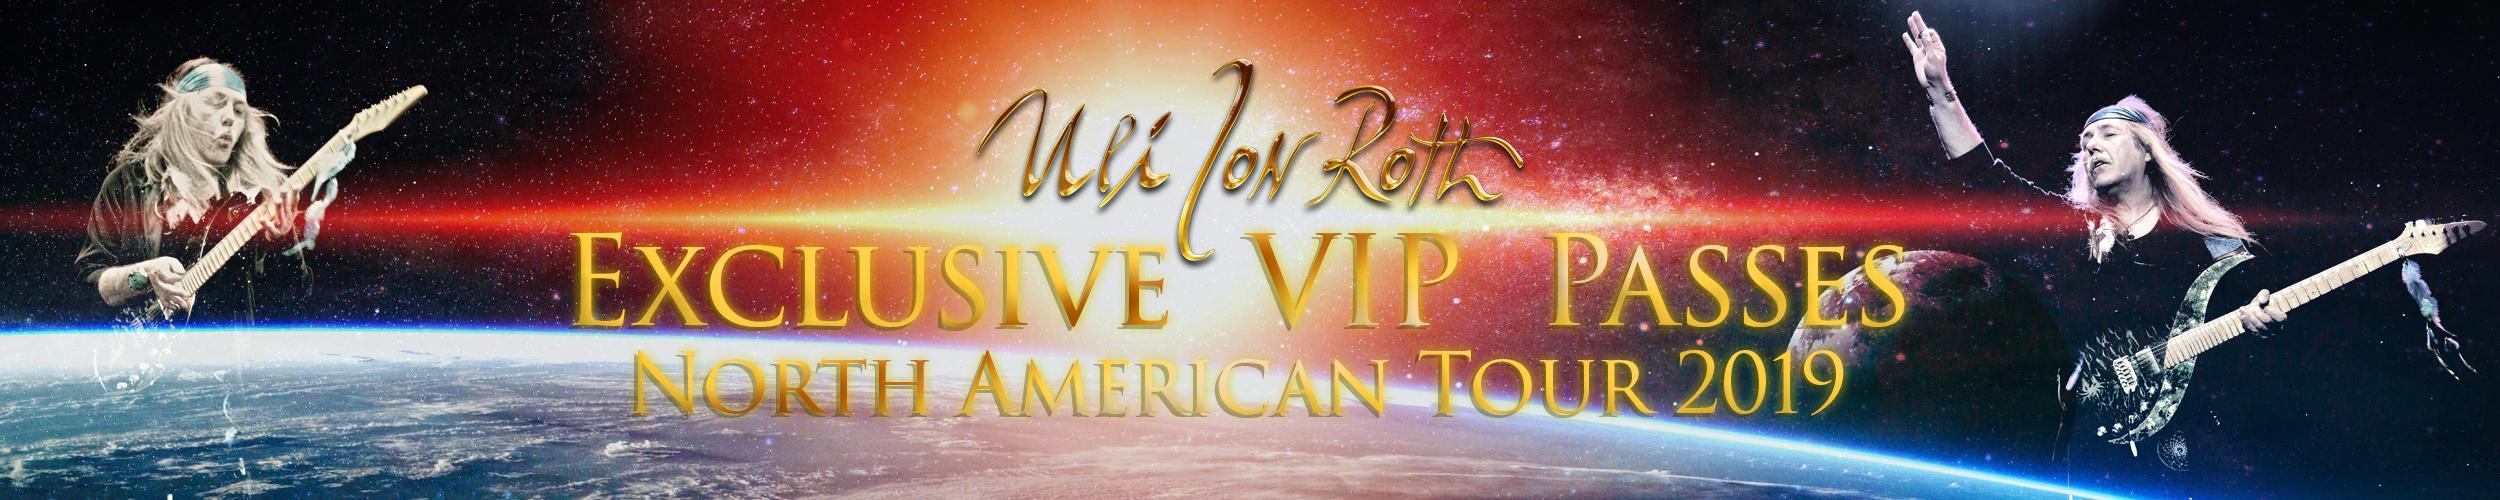 Exclusive VIP Passes